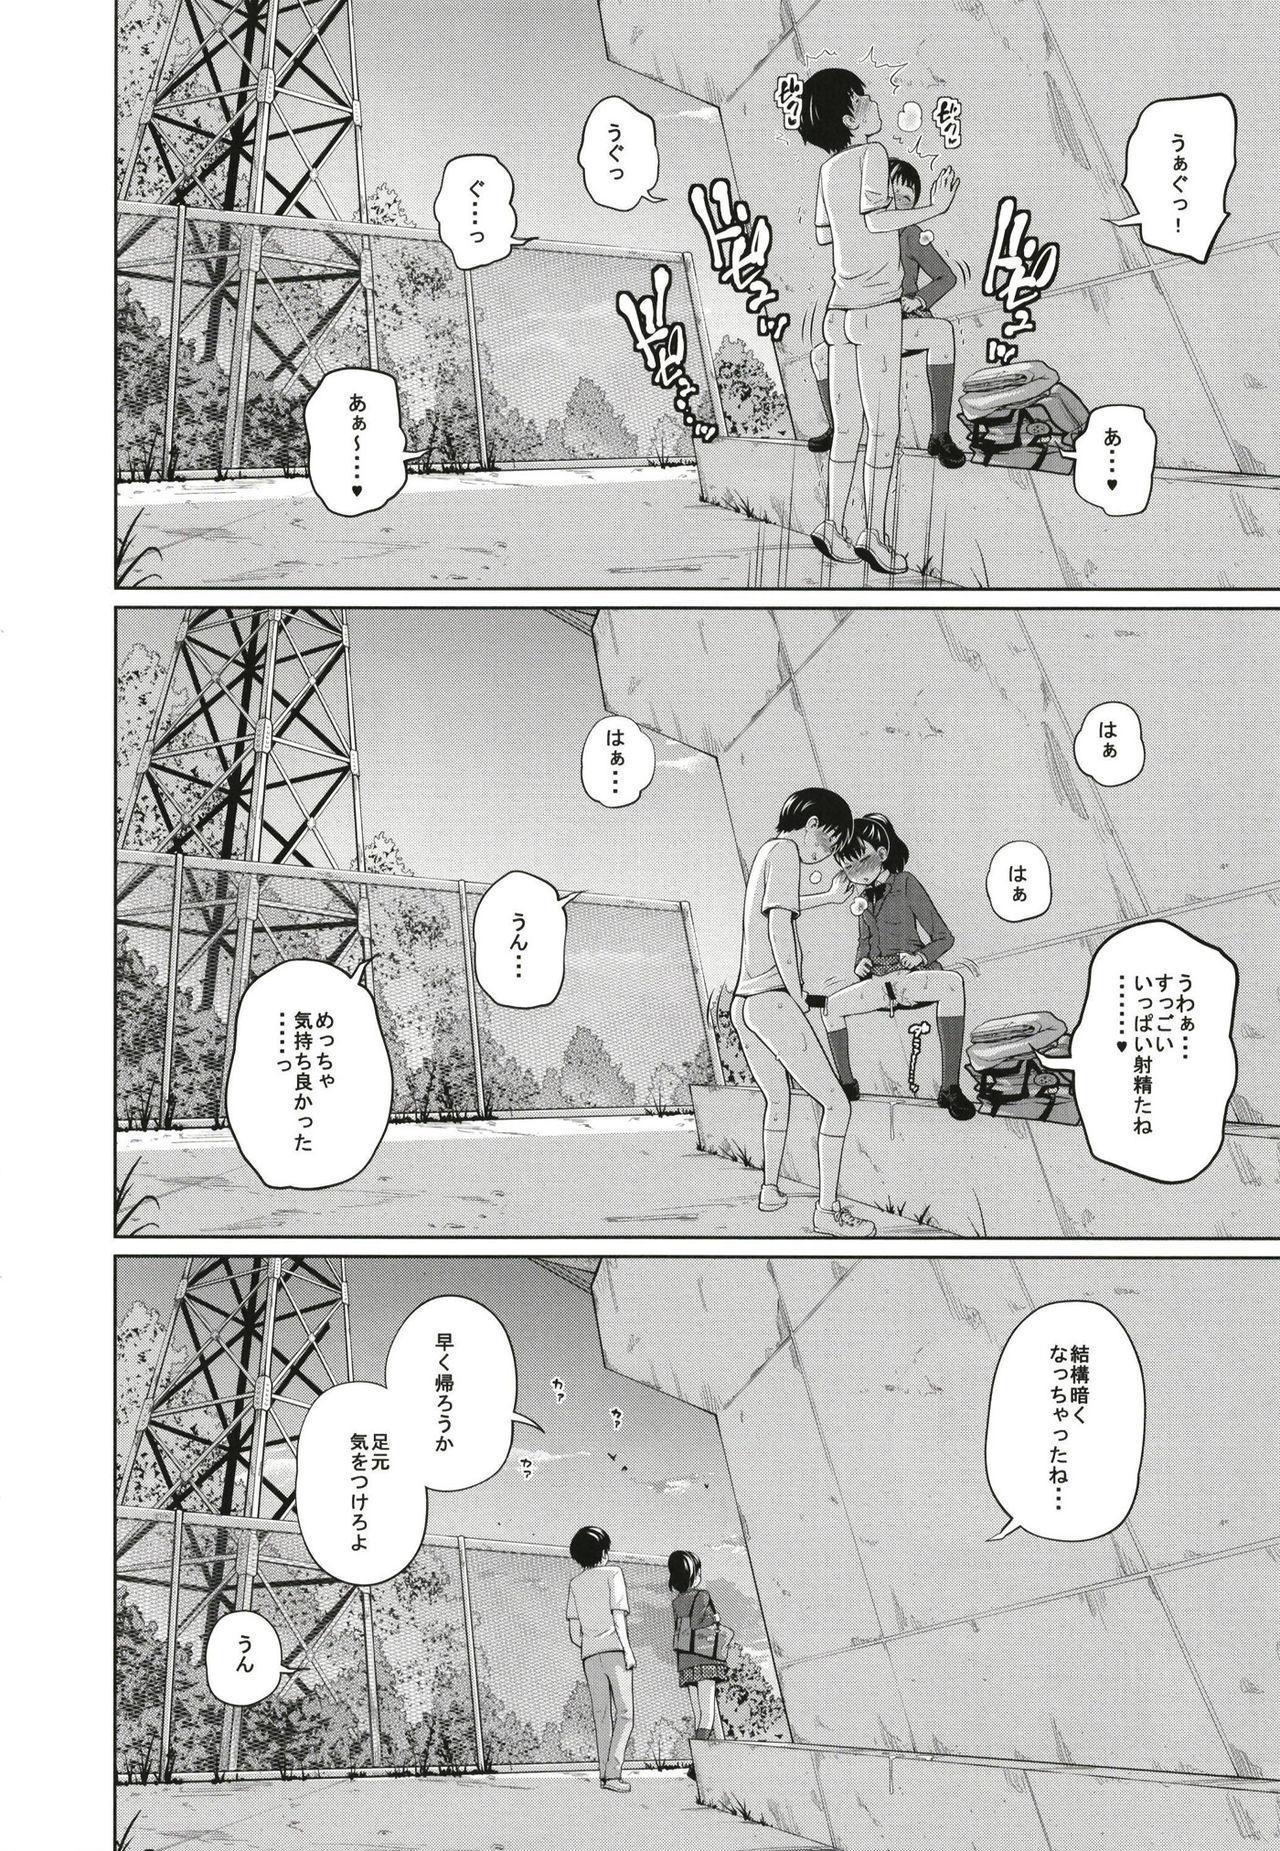 Kono Naka ni Kinshin Soukan Shiteiru Musume ga 3-nin Imasu #3 25